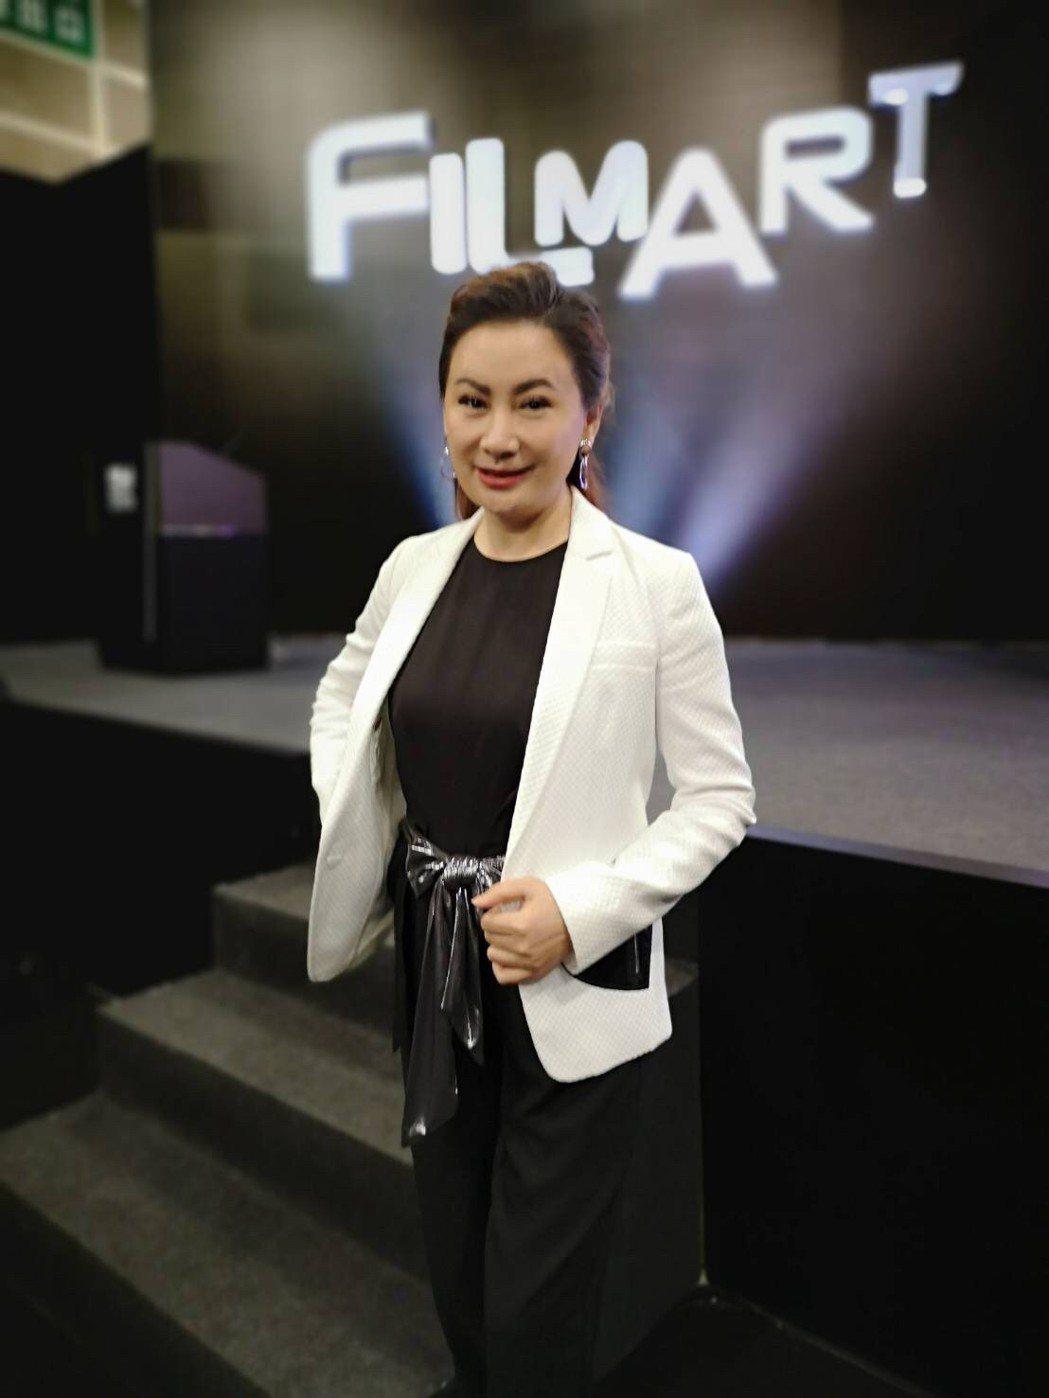 陳亞蘭出席香港影視節宣傳楊麗花歌仔戲「忠孝節義」。圖/麗生百合國際娛樂